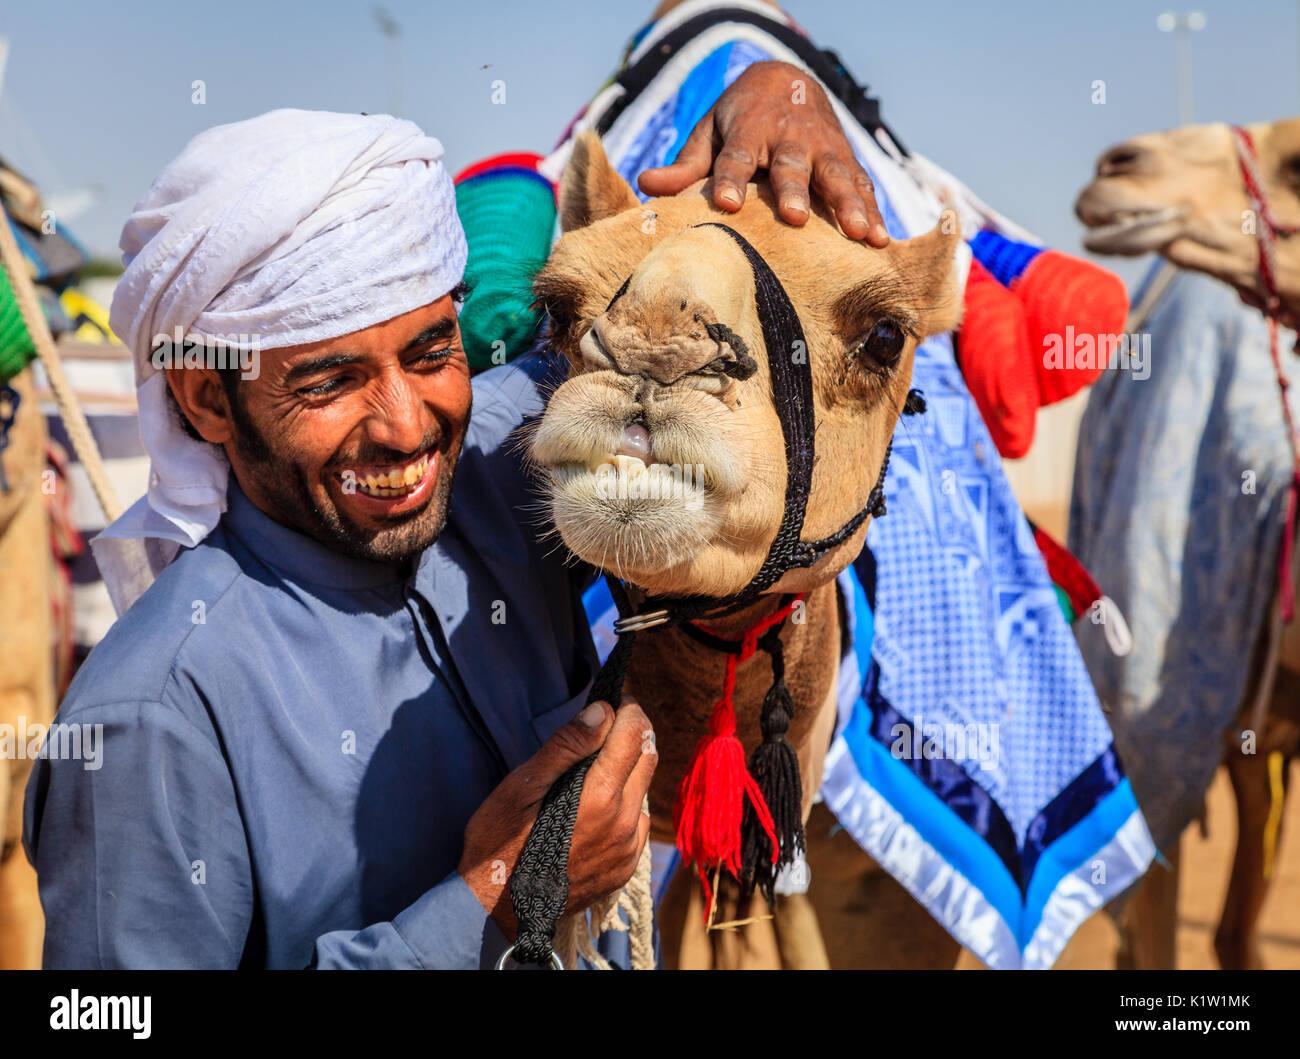 Dubai, Emiratos Árabes Unidos - Marzo 25, 2016: controlador de camello con su animal en Dubai Camel Racing Club Imagen De Stock